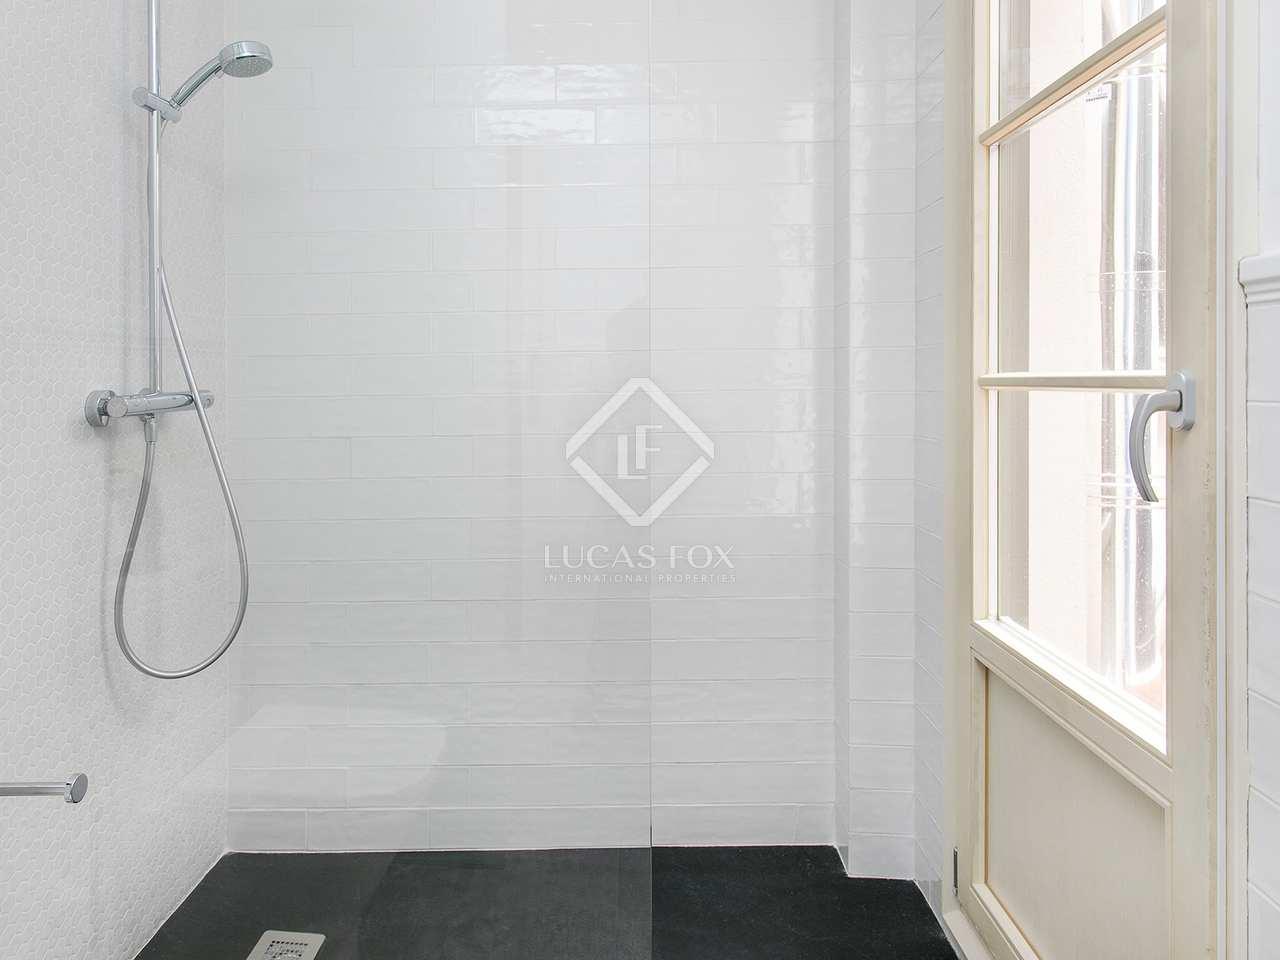 Appartement de 65m a louer el born barcelone for Appartement a louer a barcelone avec piscine